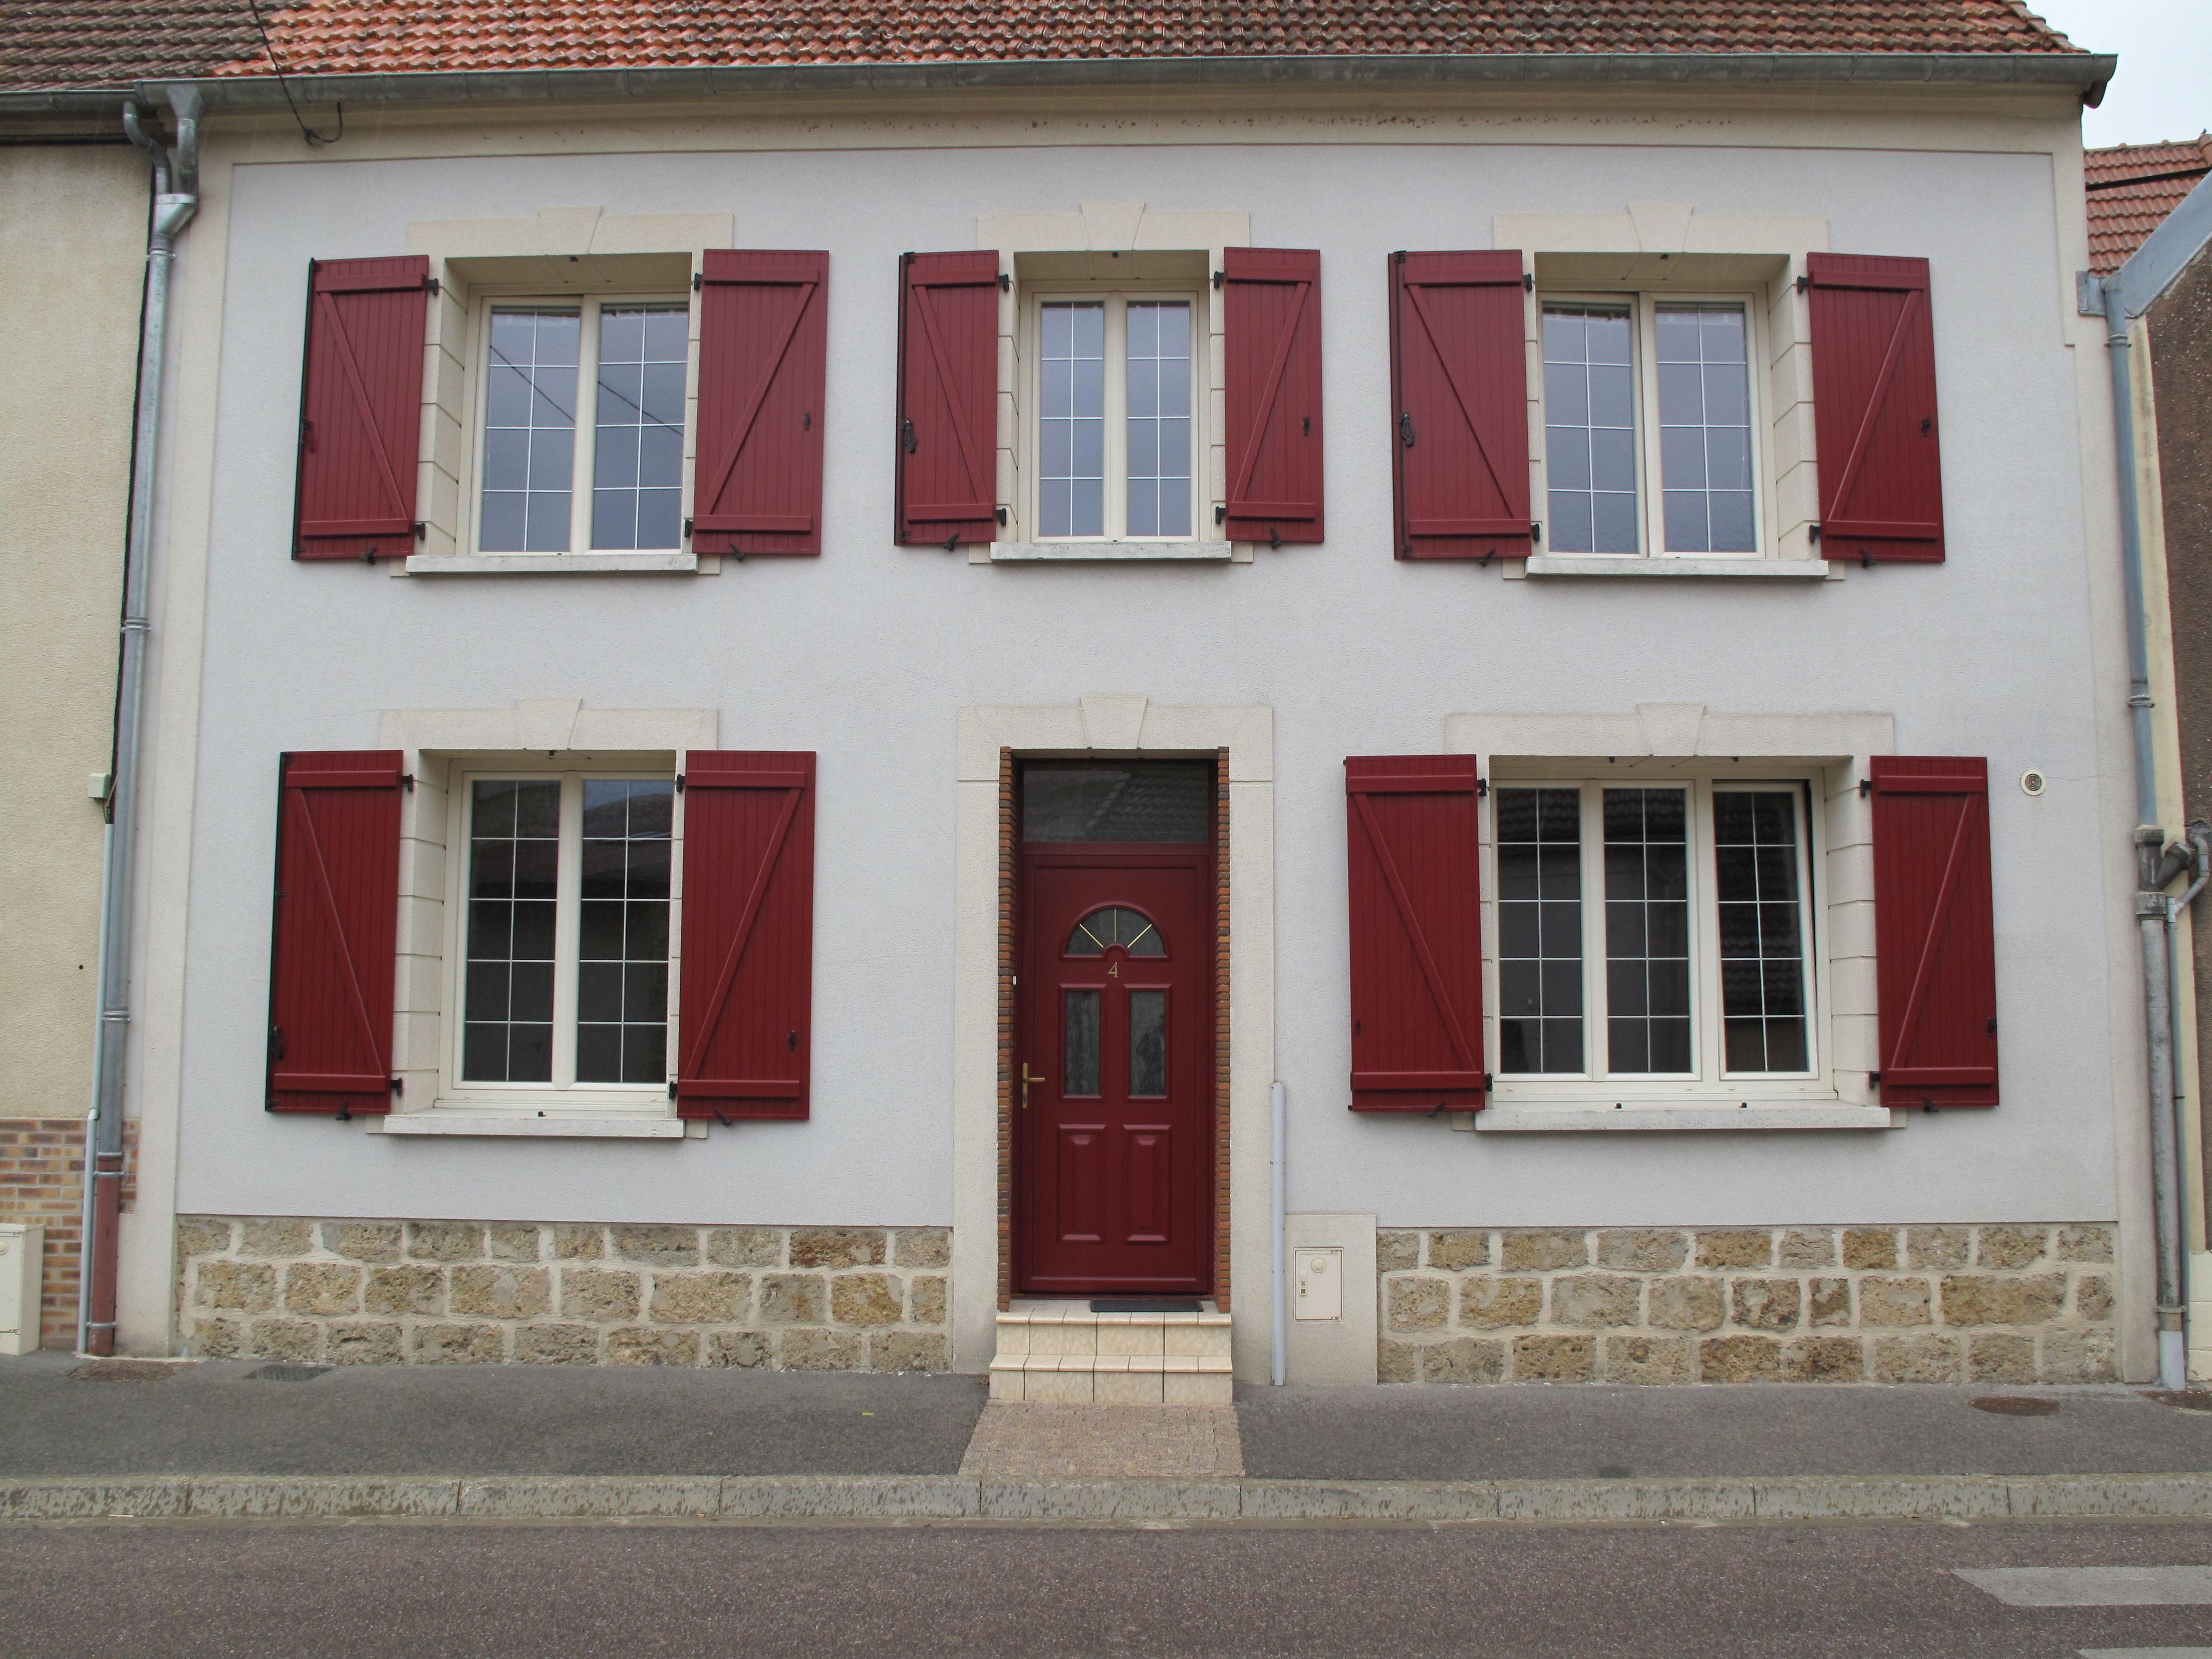 Couleur Façade Maison Ancienne couleur rouge : des volets rouges apporteront cette note de